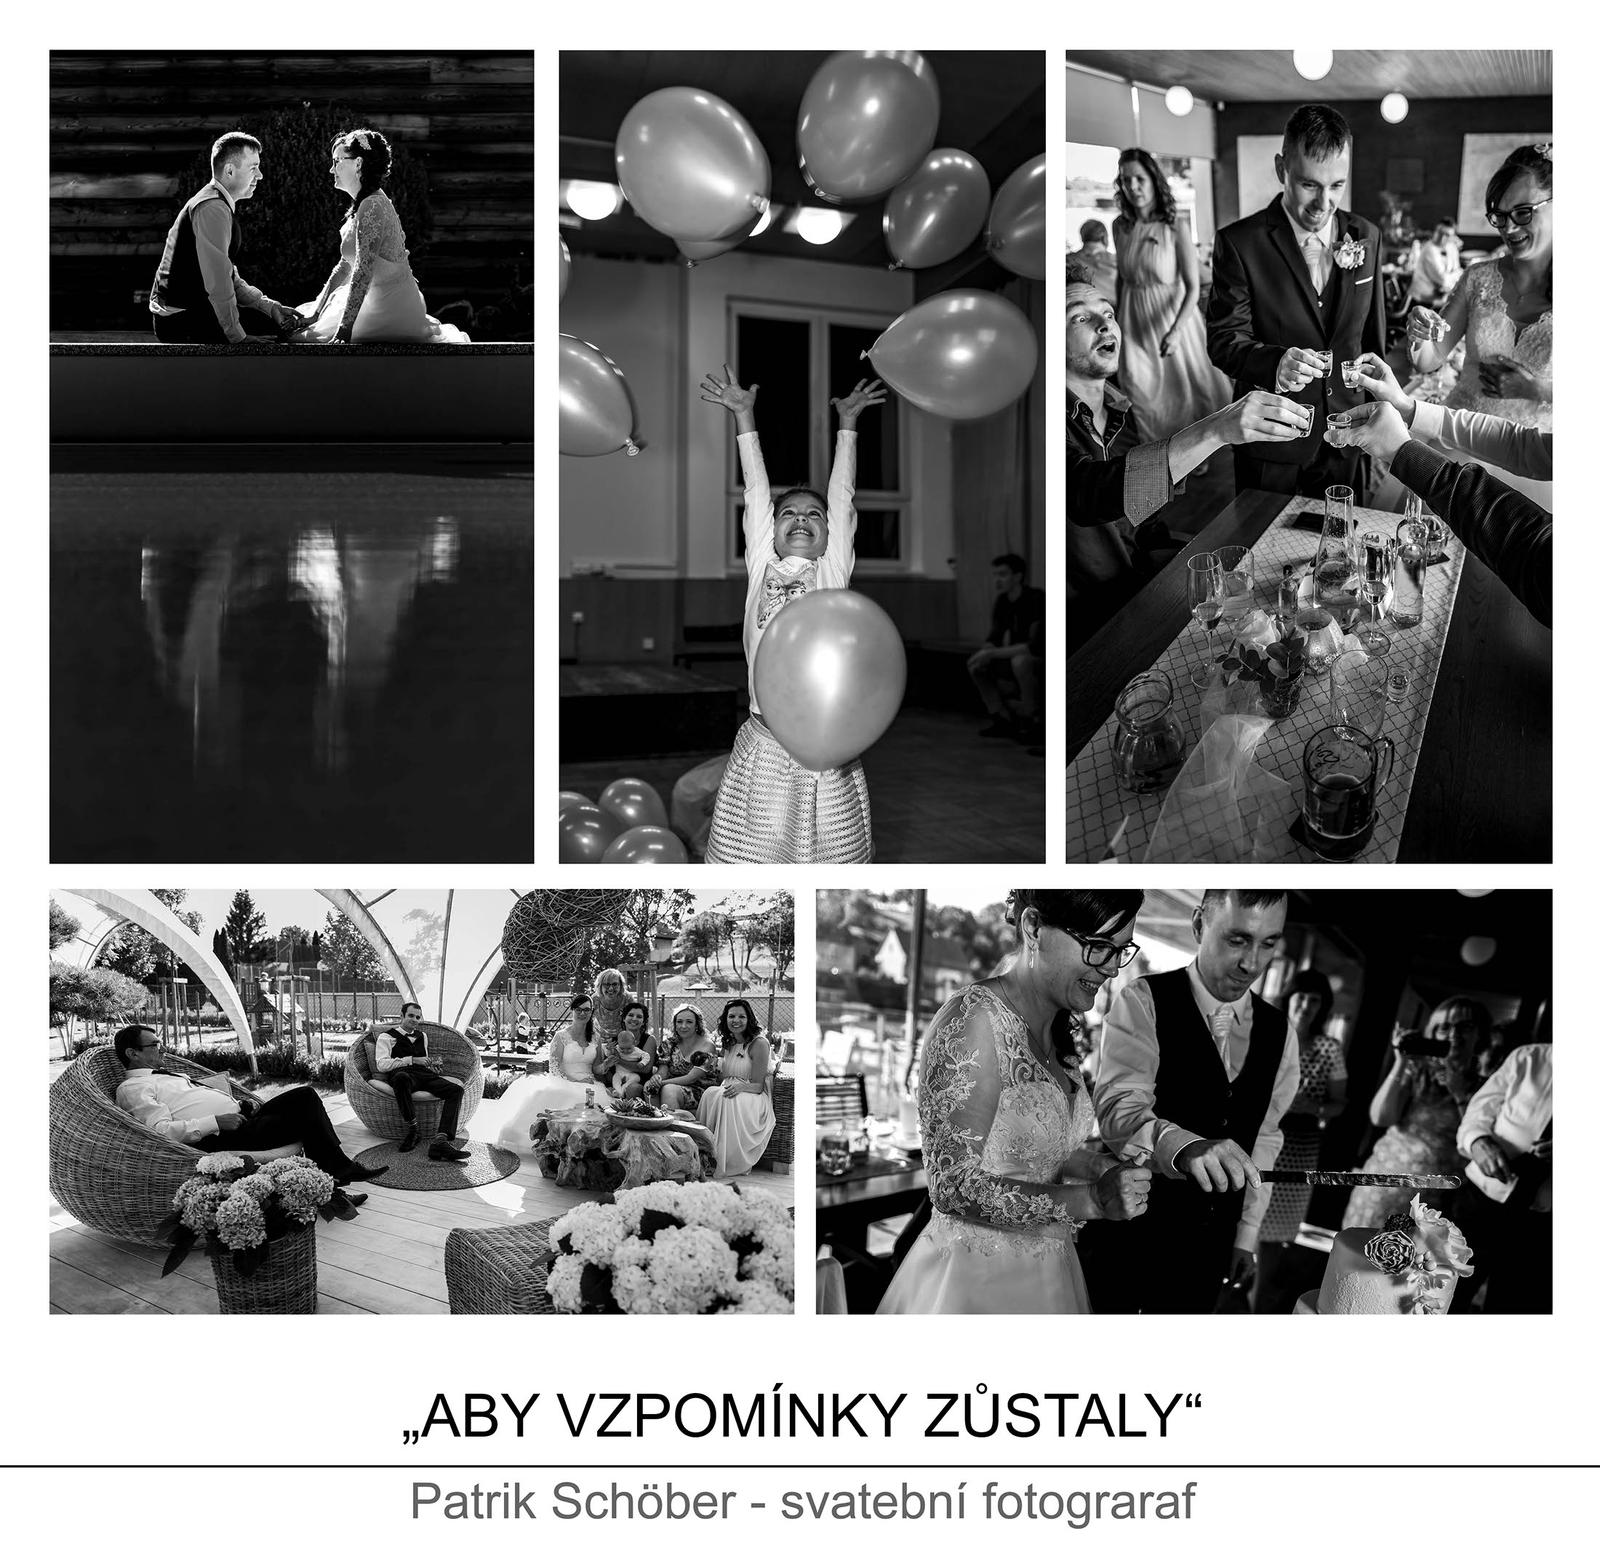 @janajezkova Zdravím vás Jano, 2.10... - Obrázek č. 3